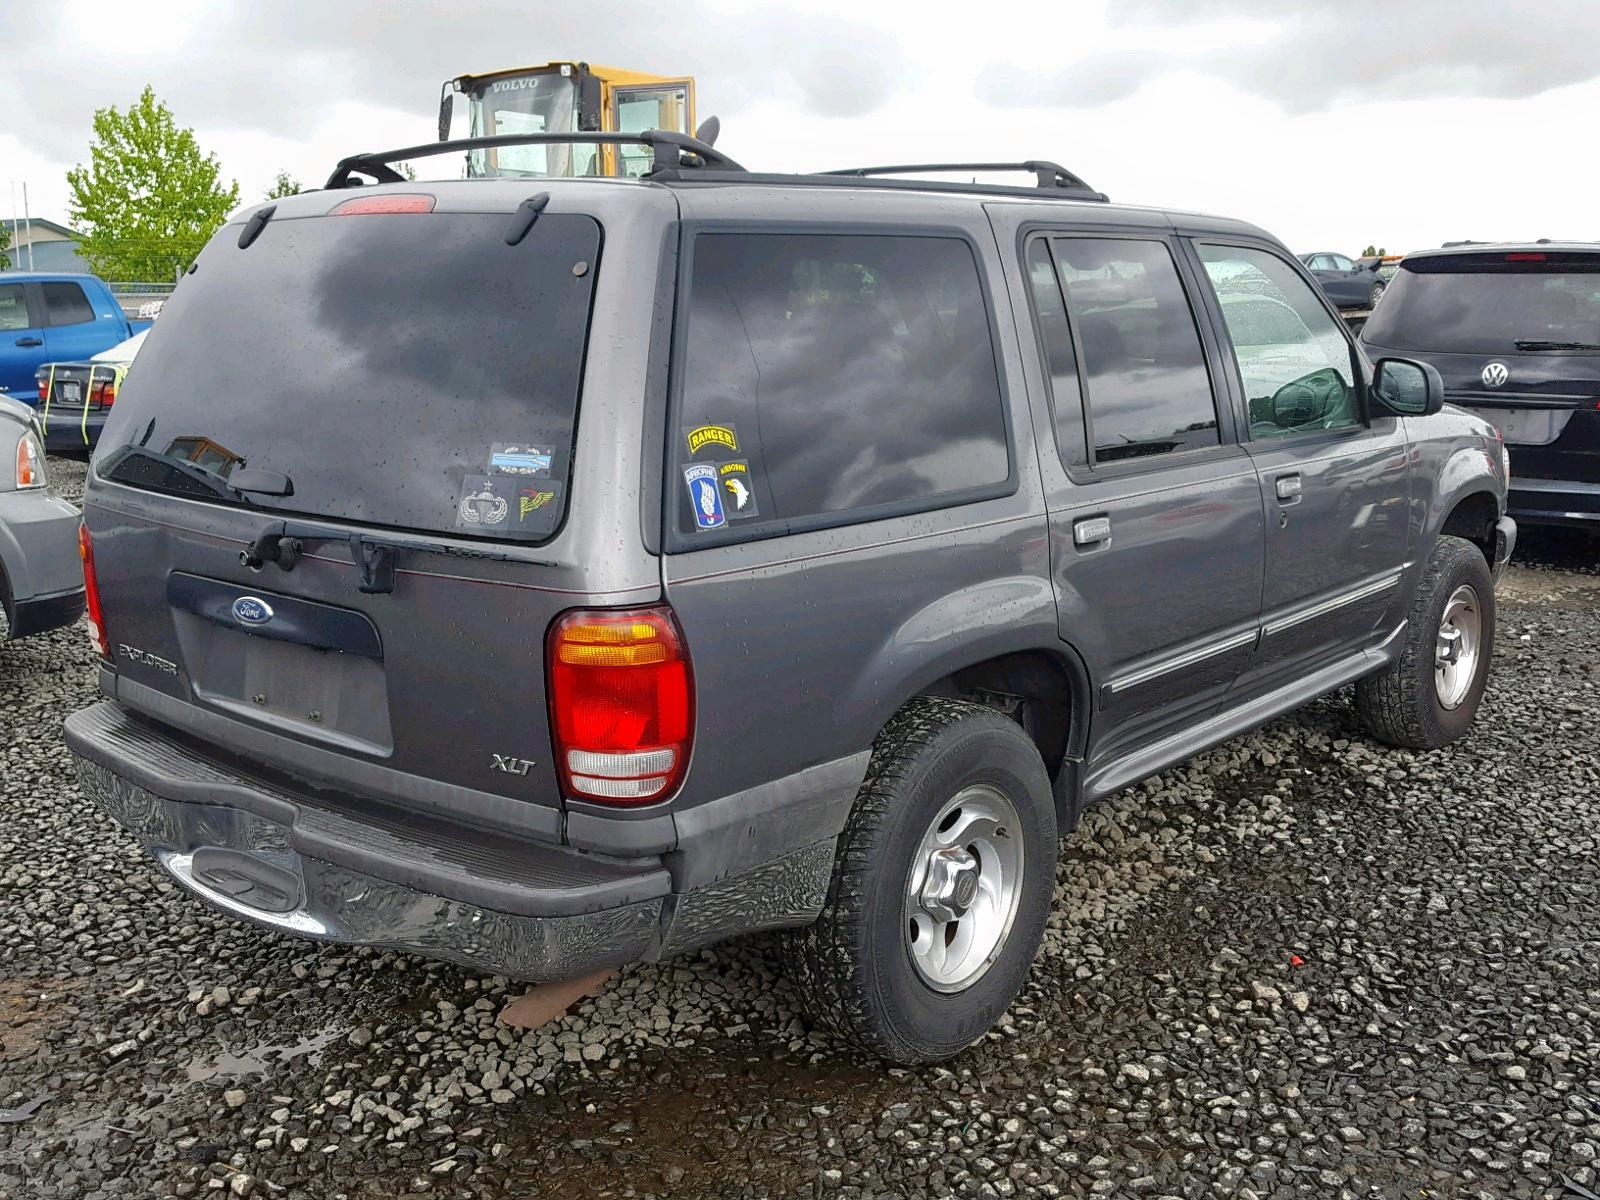 hight resolution of  1fmzu34e0xub55228 1999 ford explorer 4 0l rear view 1fmzu34e0xub55228